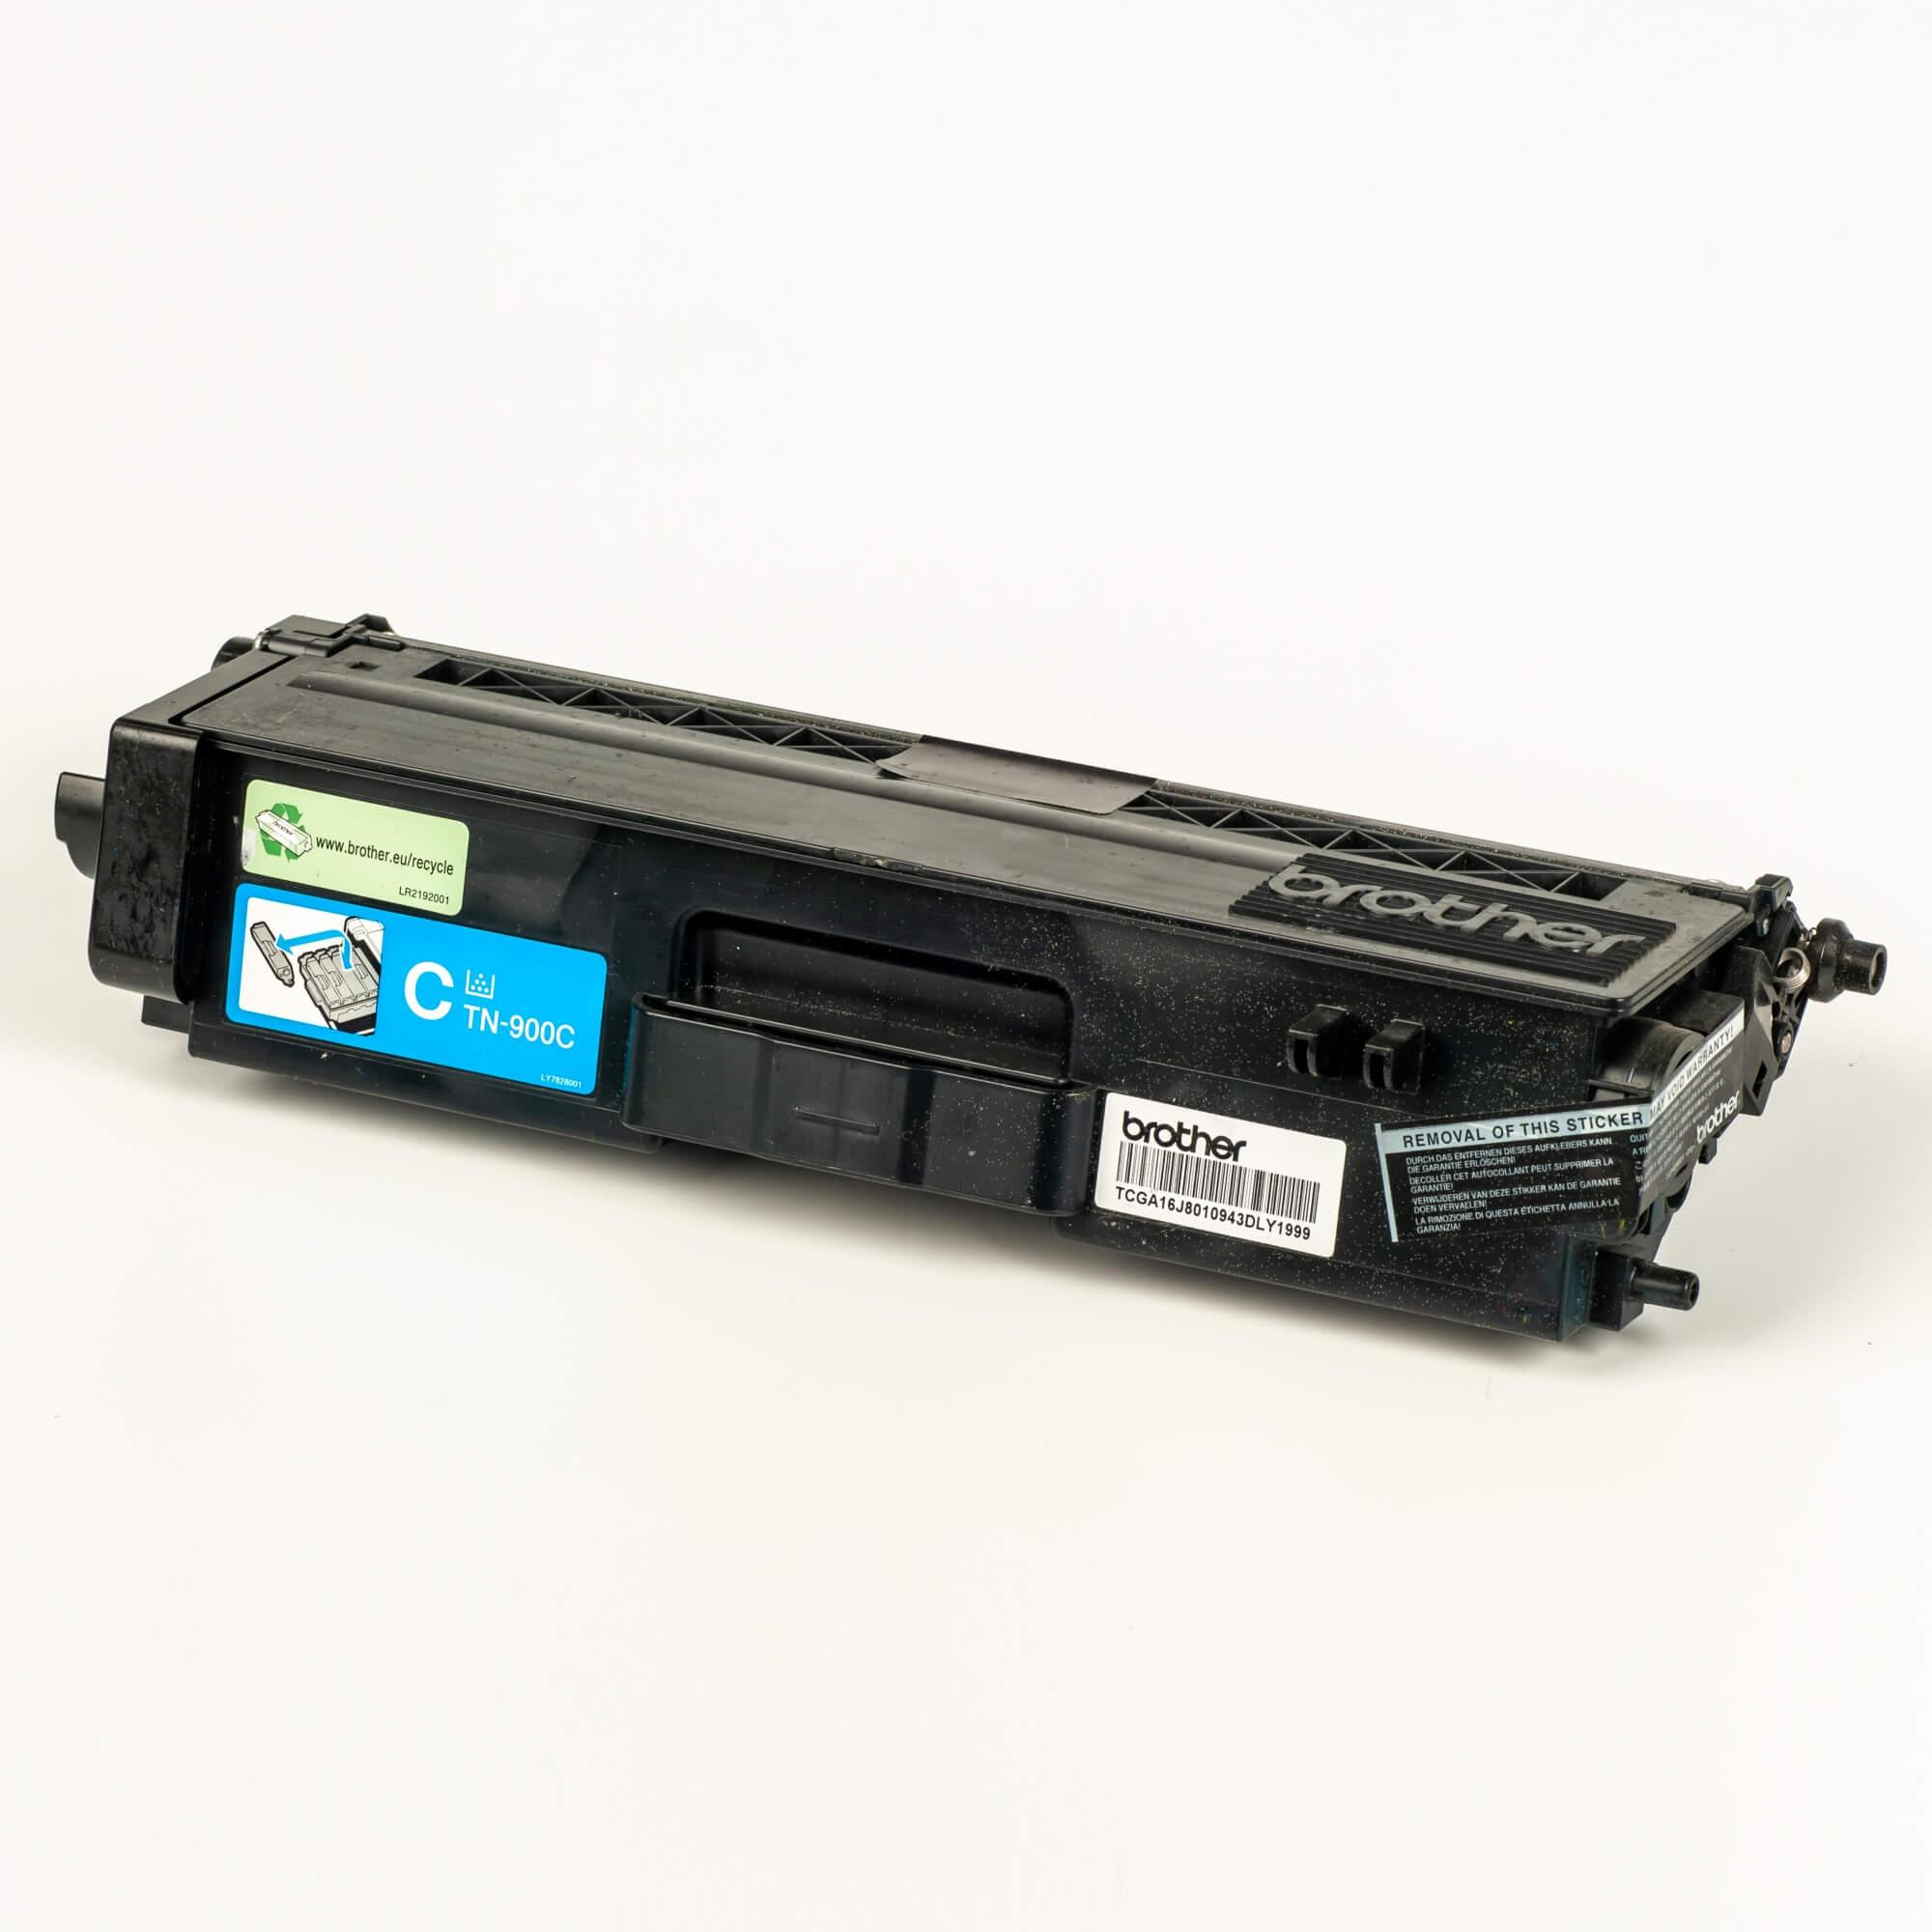 Auf dem Bild sehen Sie eine Brother Original Super-Jumbo-Tonerkassette TN-900C blau